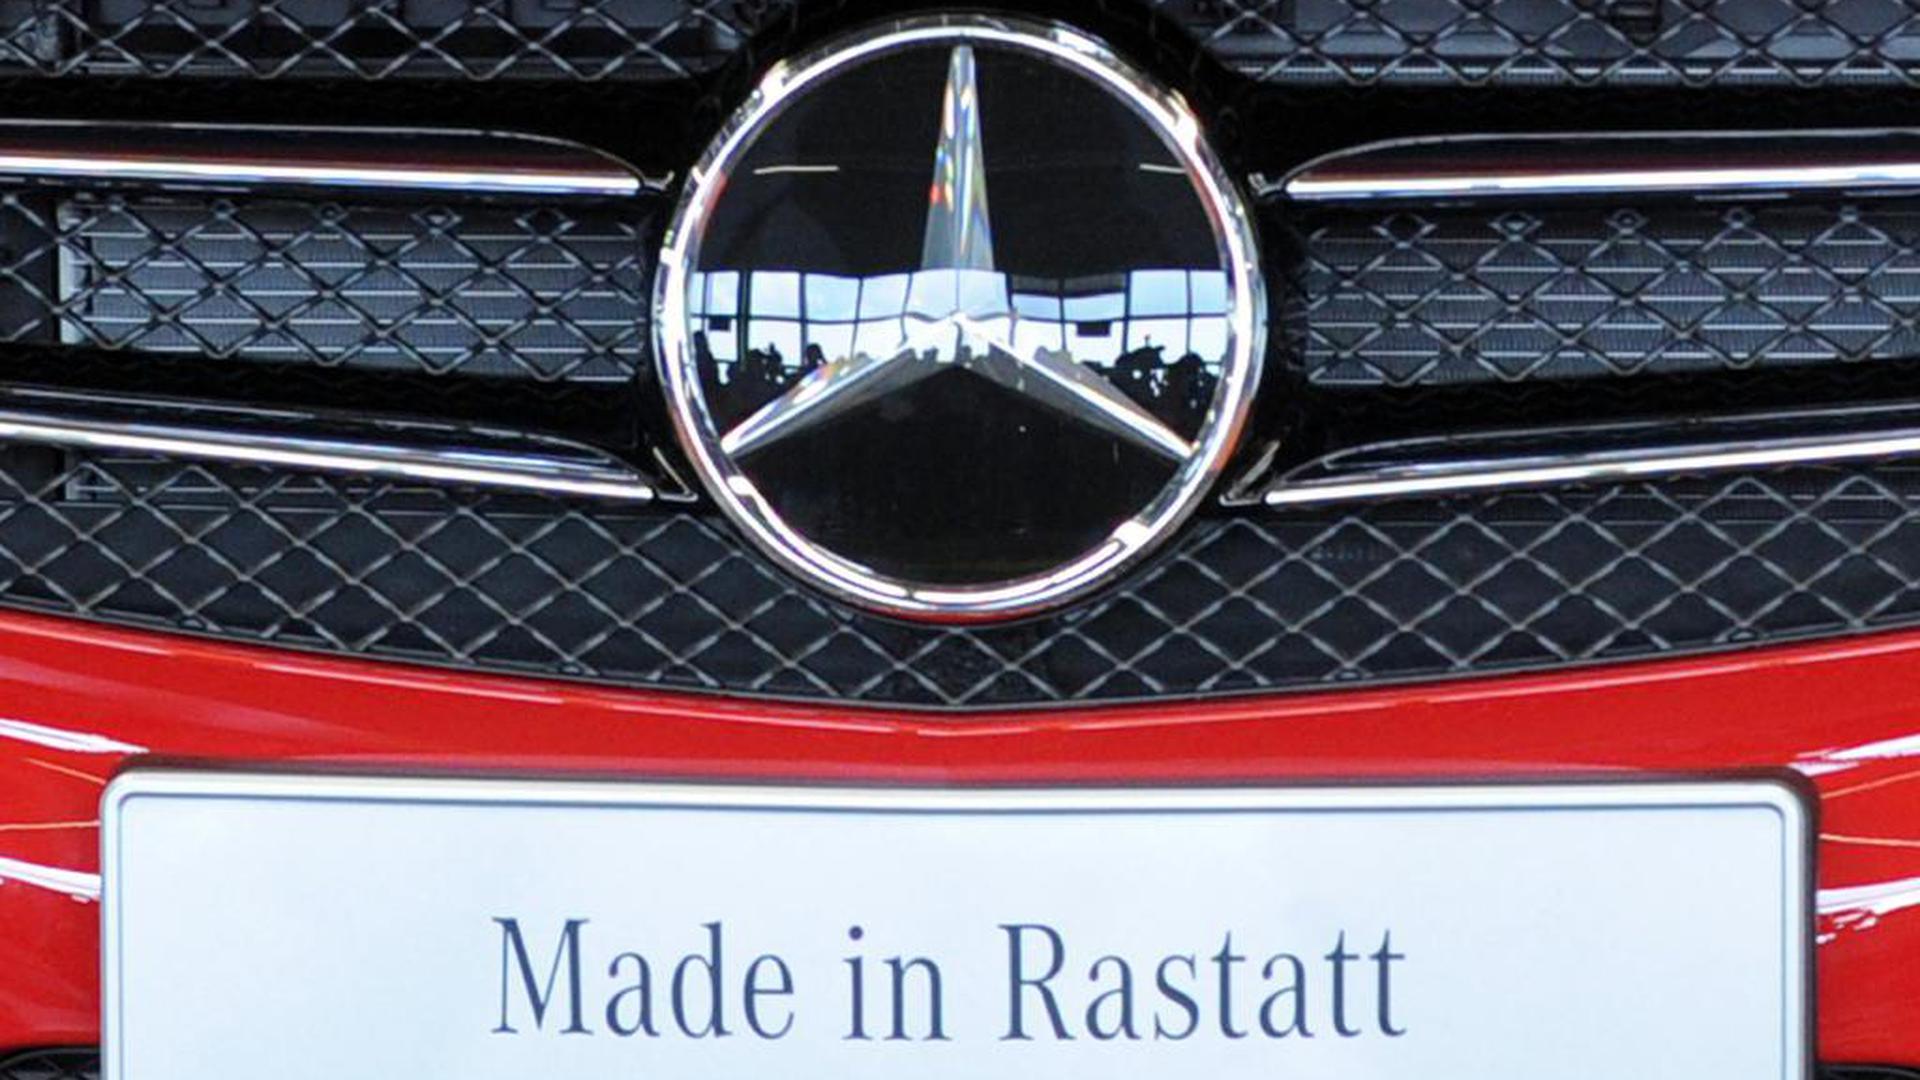 Im Rastatter Benz-Werk wurden Mitarbeiter positiv auf das Coronavirus getestet.